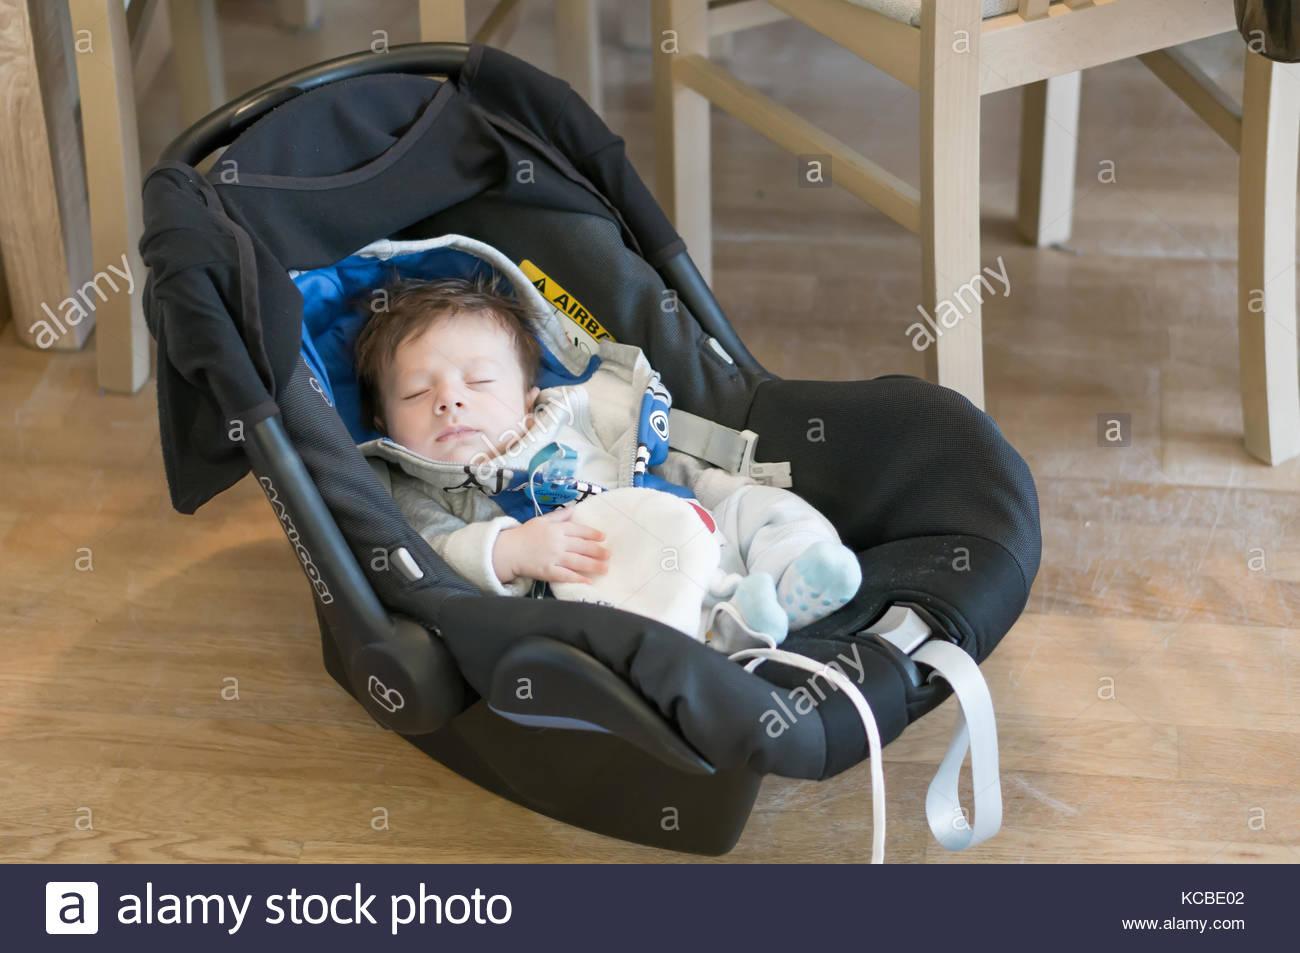 4b73408ab Bebé recién nacido muchacho sentado en un asiento de coche Maxi Cosi en  septiembre de 2017 en Poznan